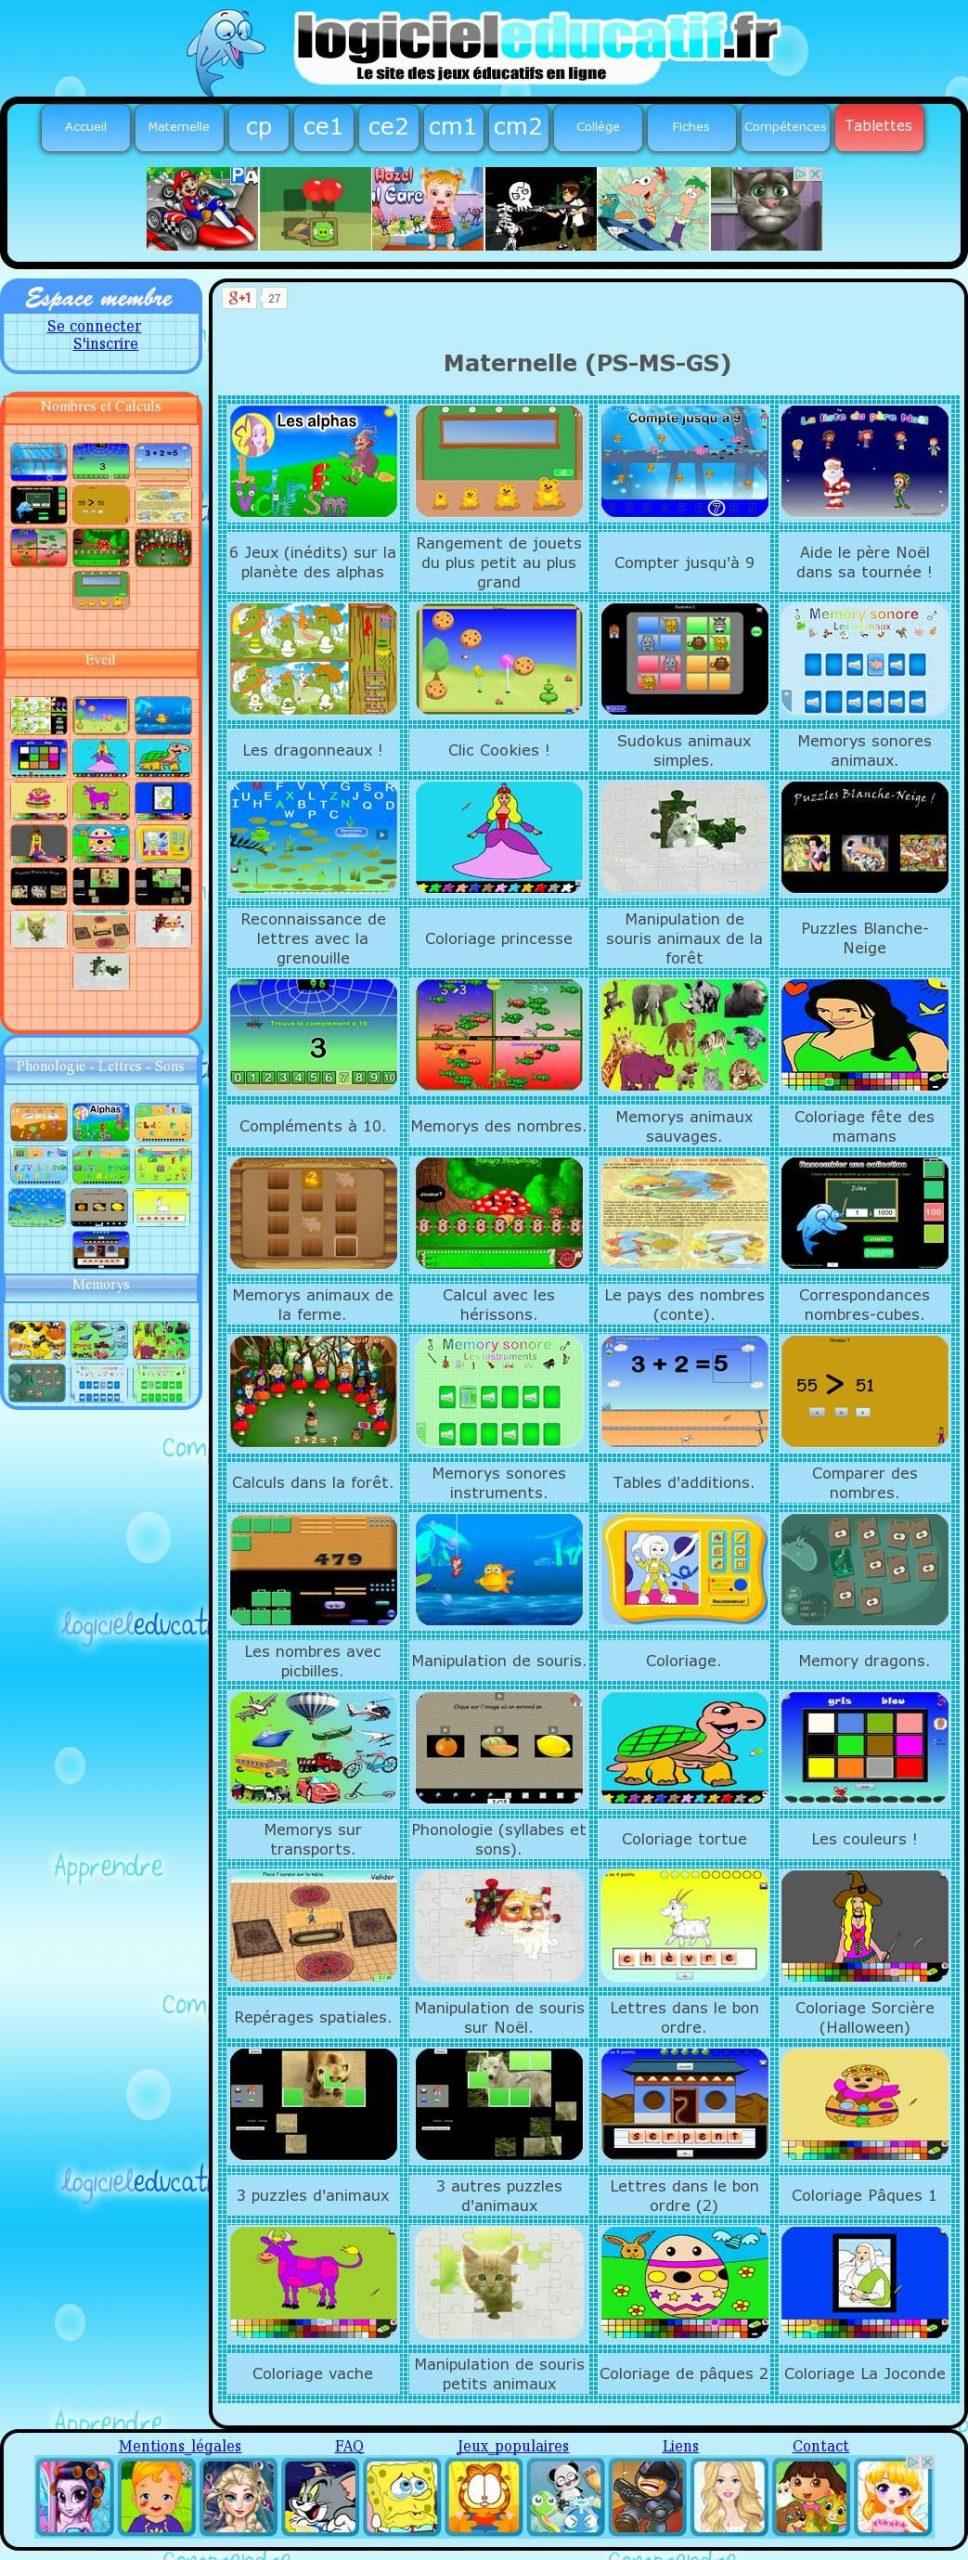 Logiciel Éducatif : Jeux Éducatifs Gratuits En Ligne De La à Jeux Pedagogique Maternelle